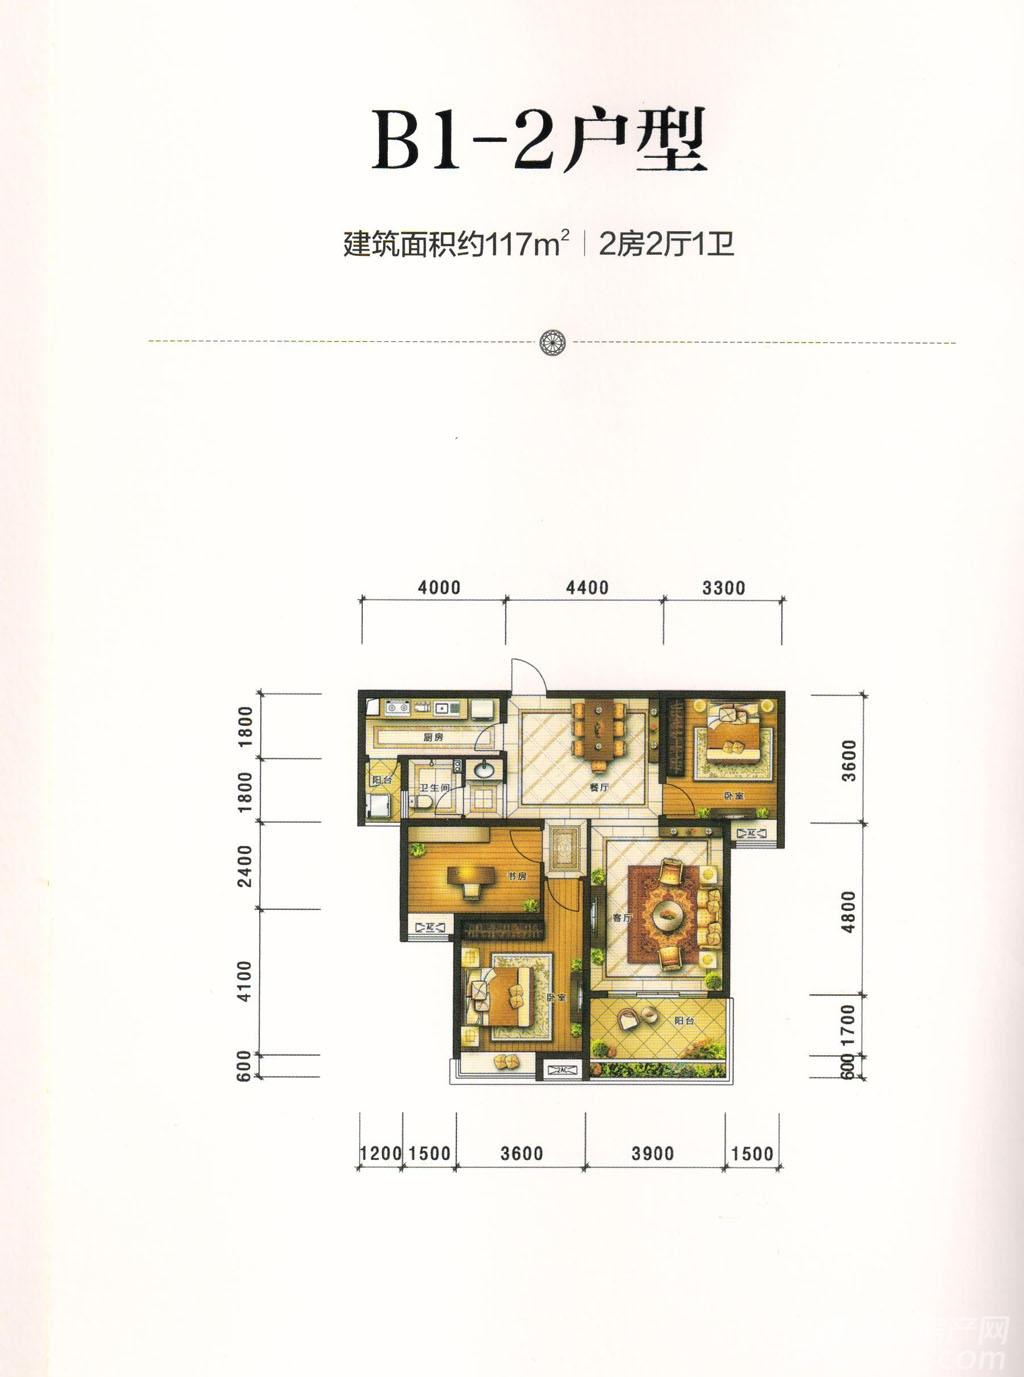 华强广场B1-2户型2室2厅117平米